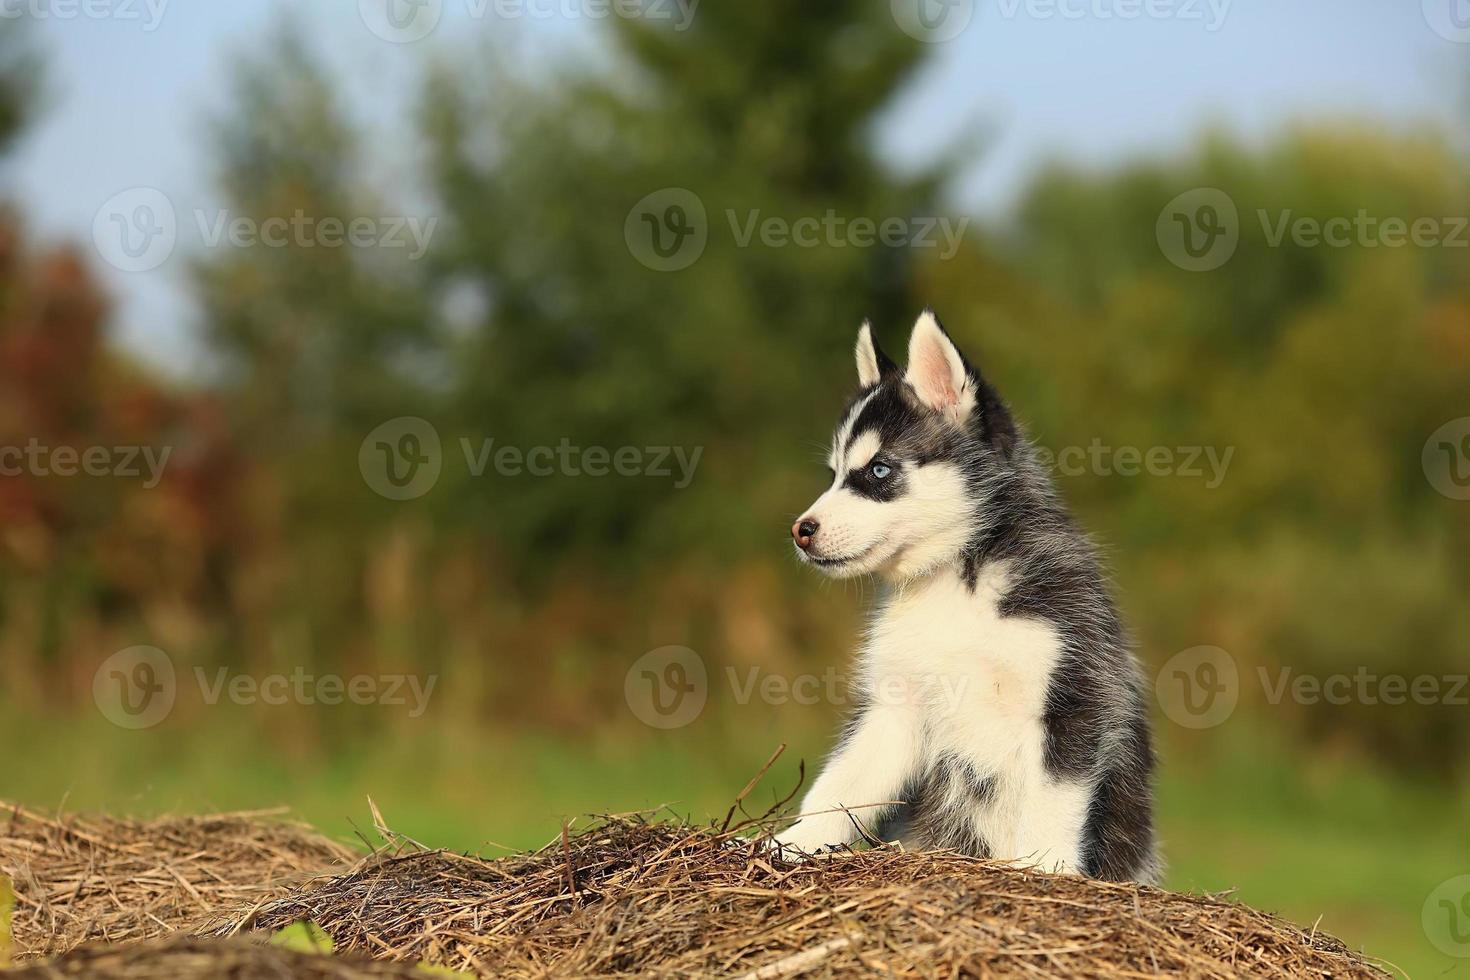 husky bebê sentado na grama seca foto